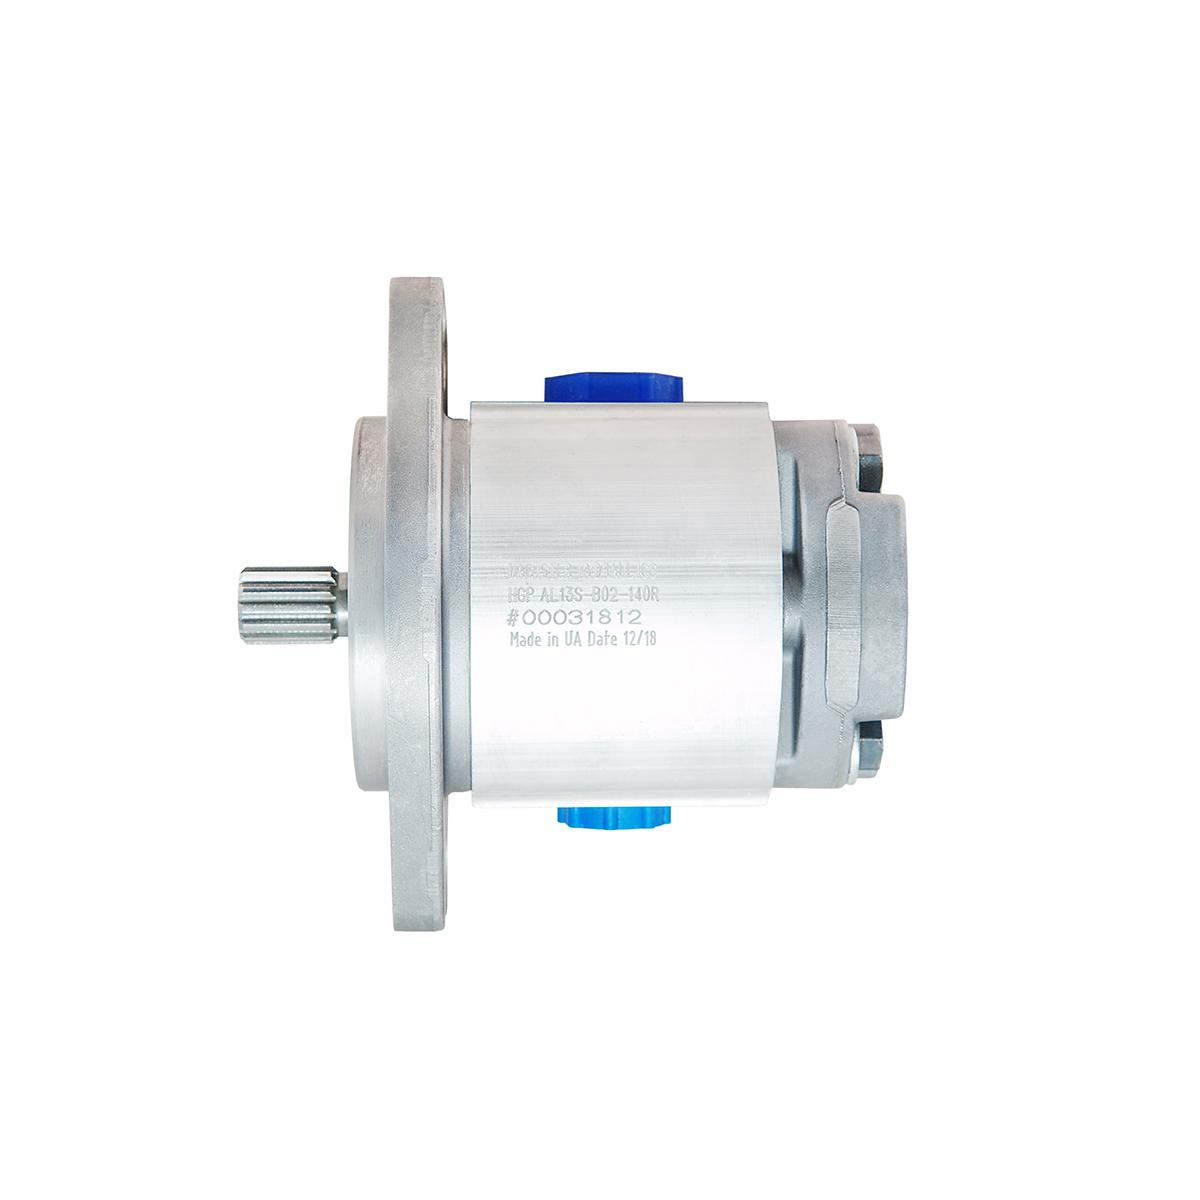 0.97 CID hydraulic gear pump, 9 tooth spline shaft clockwise gear pump | Magister Hydraulics